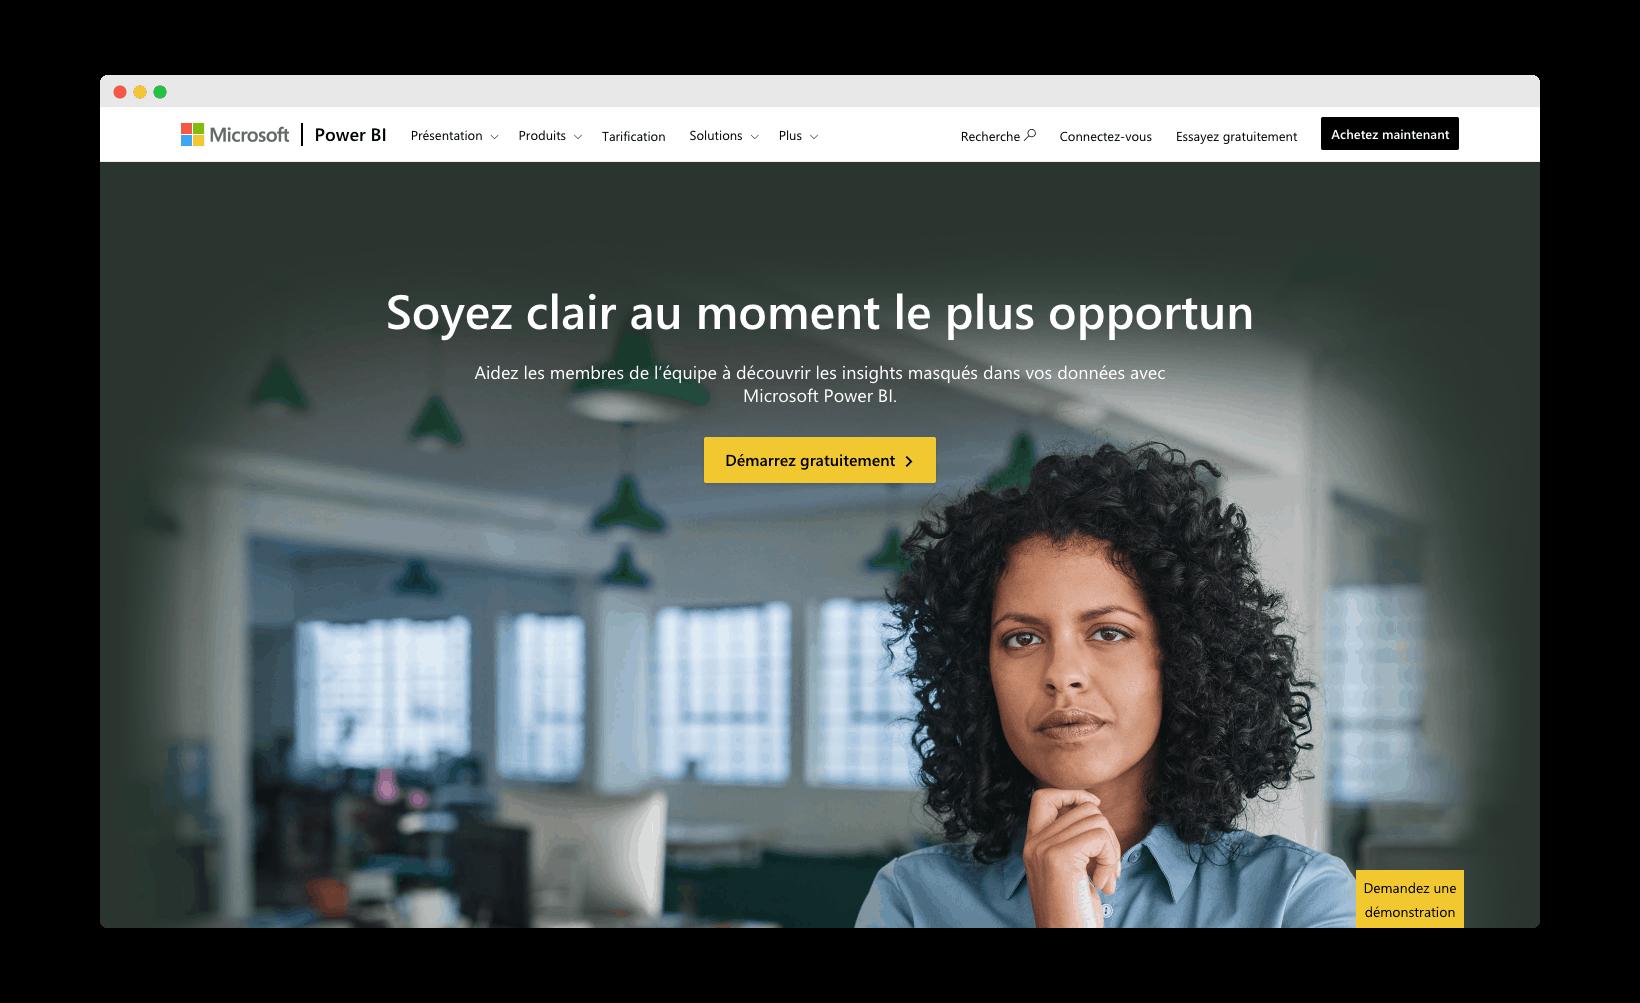 homepage de Microsoft Power BI